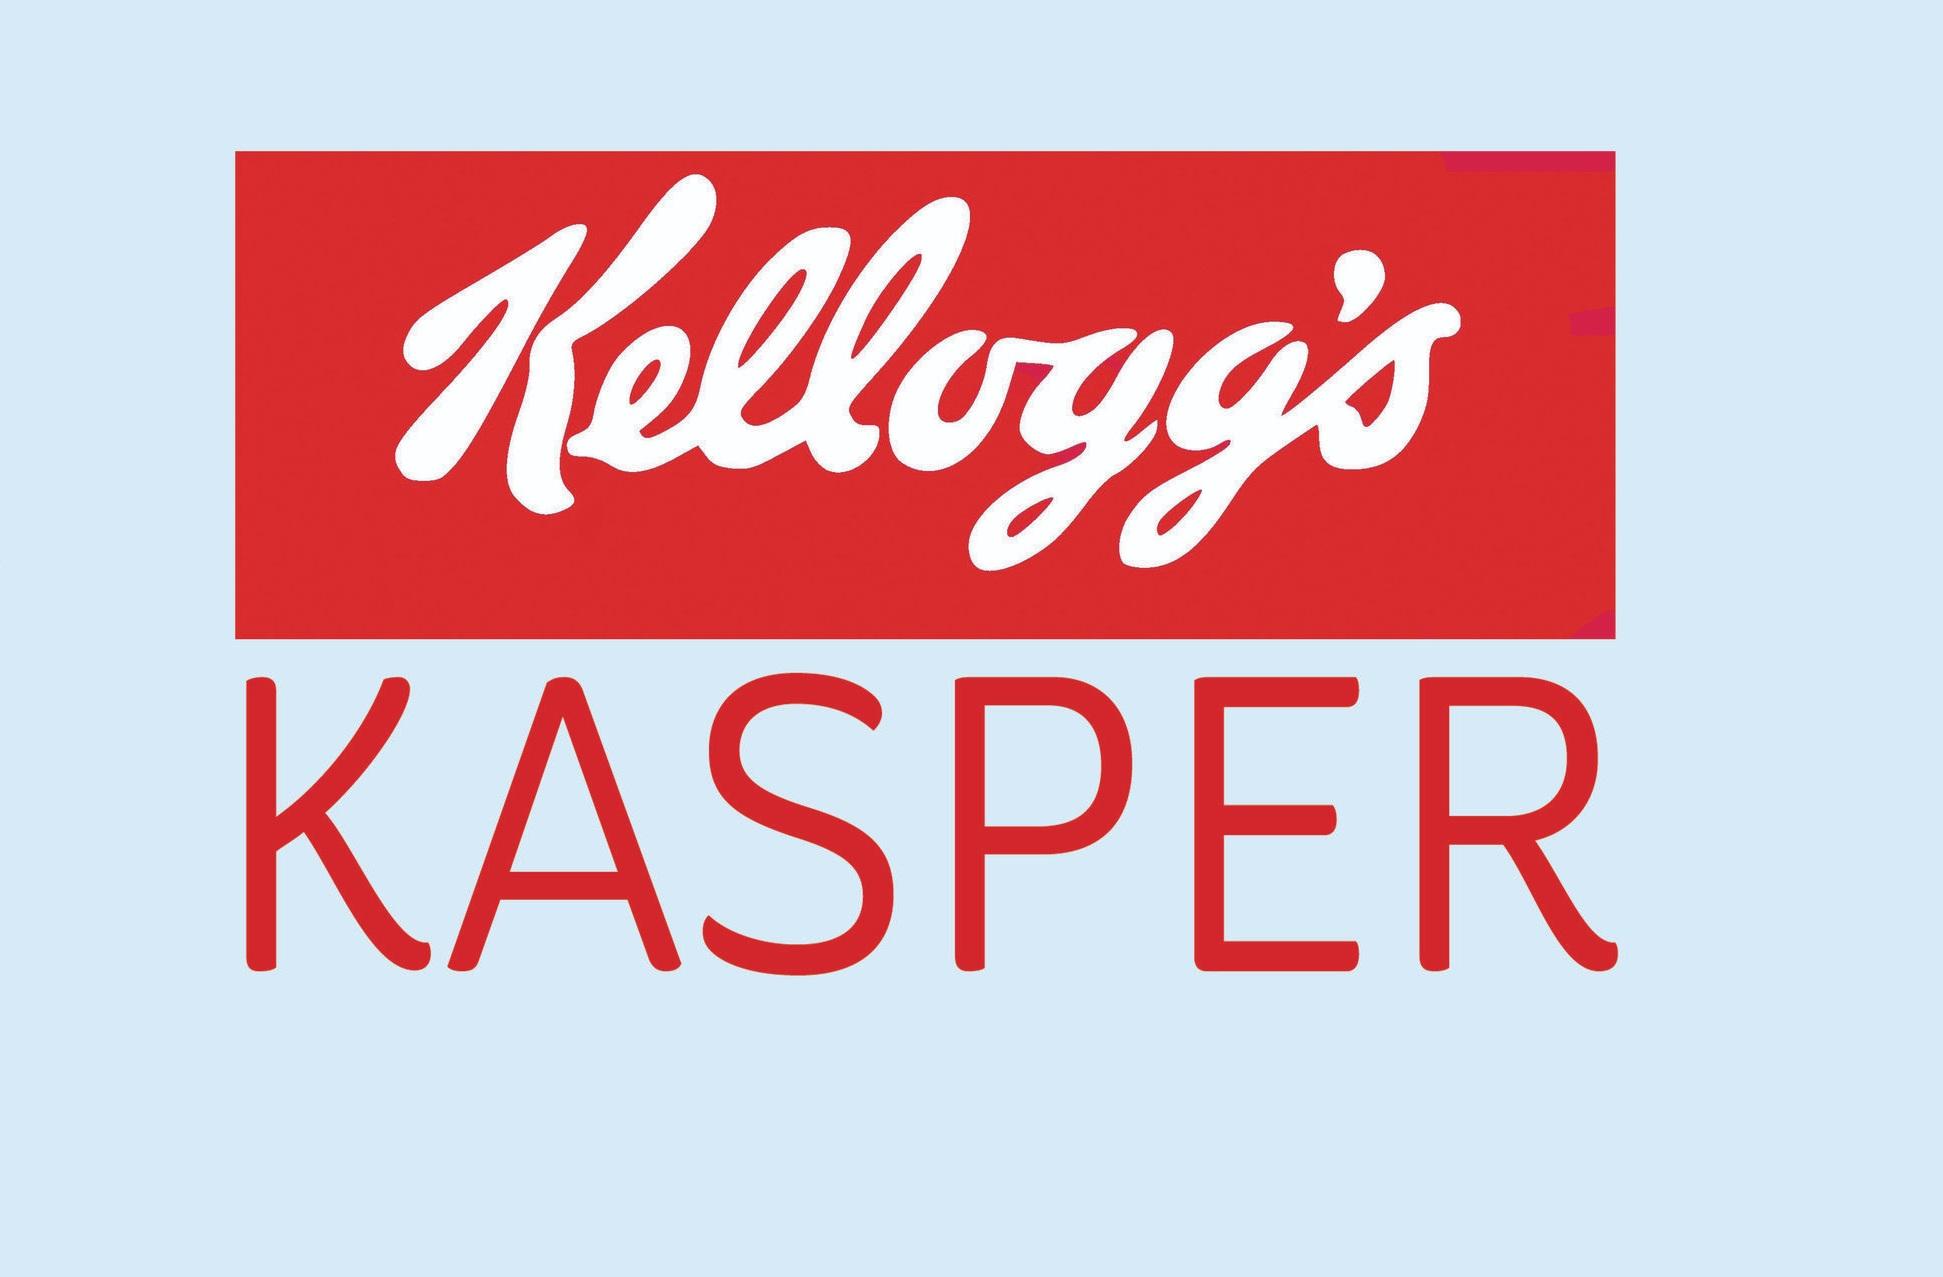 KASPER+%26+TITLE+web.jpg